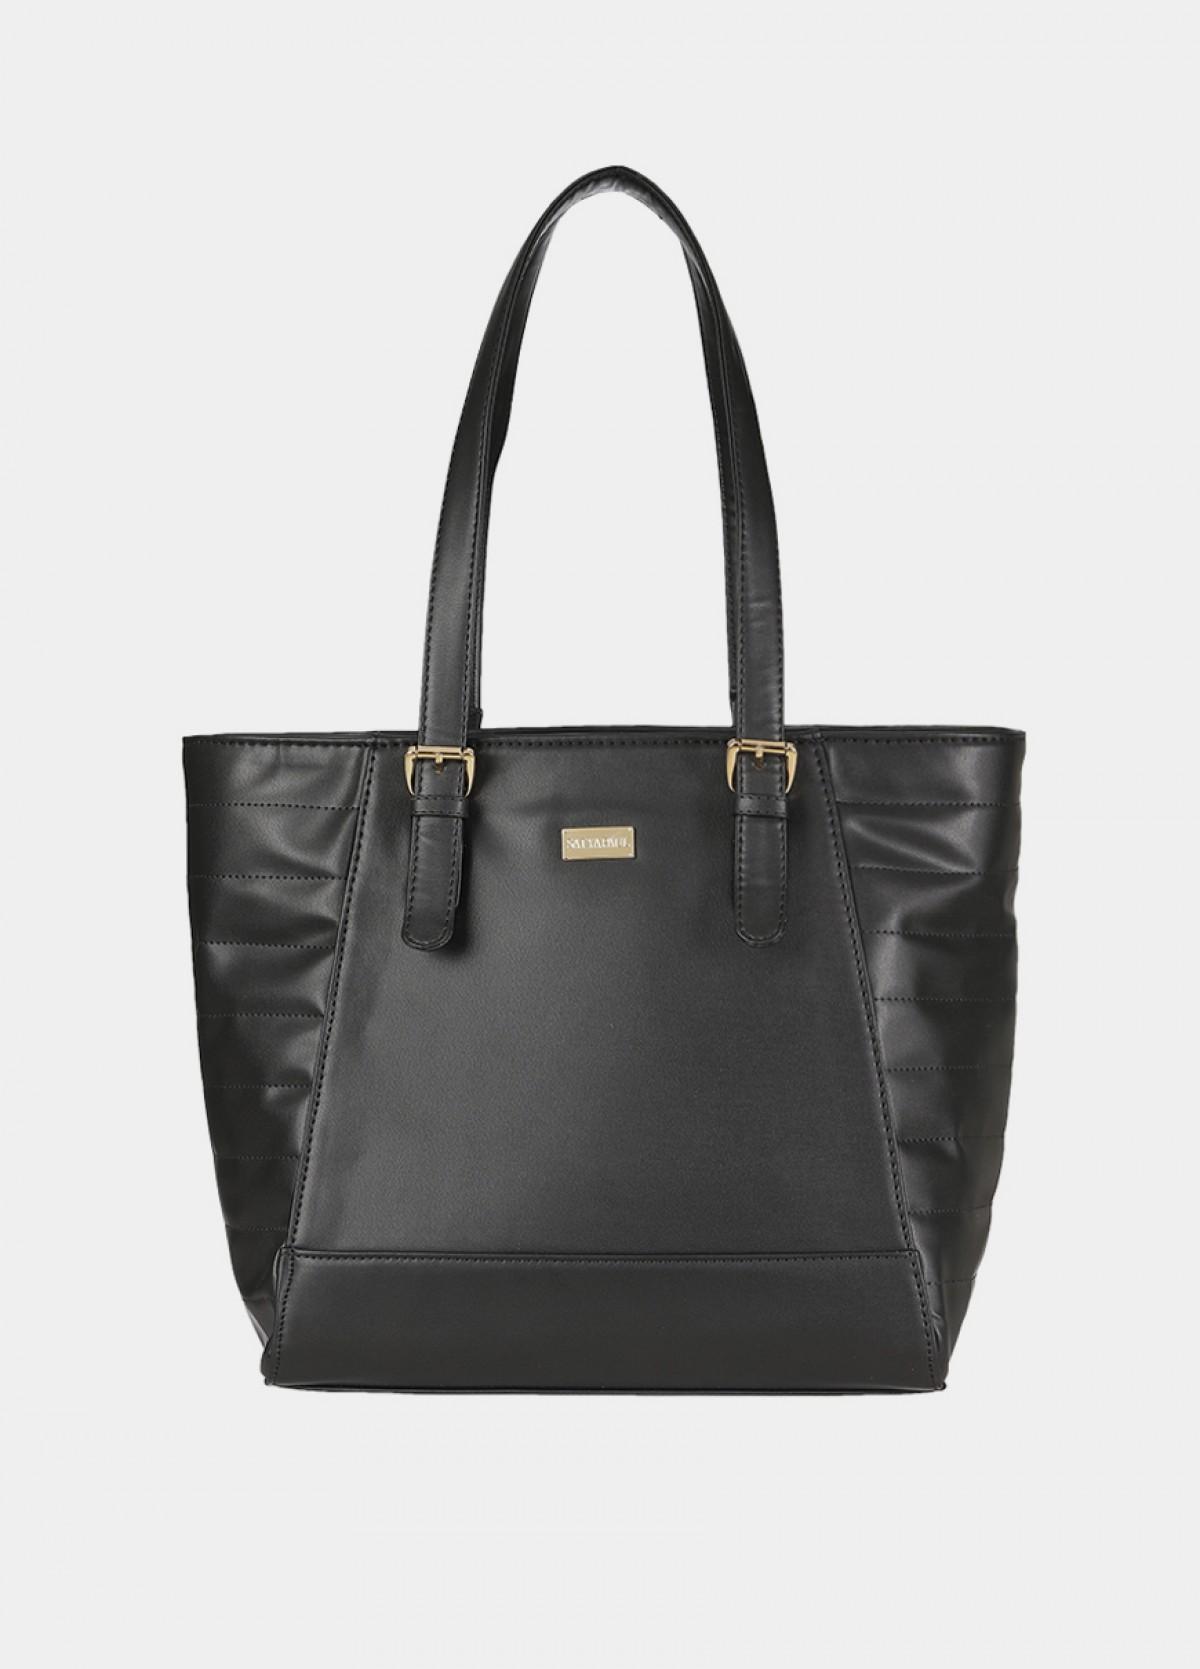 The Formal Black Hand Bag